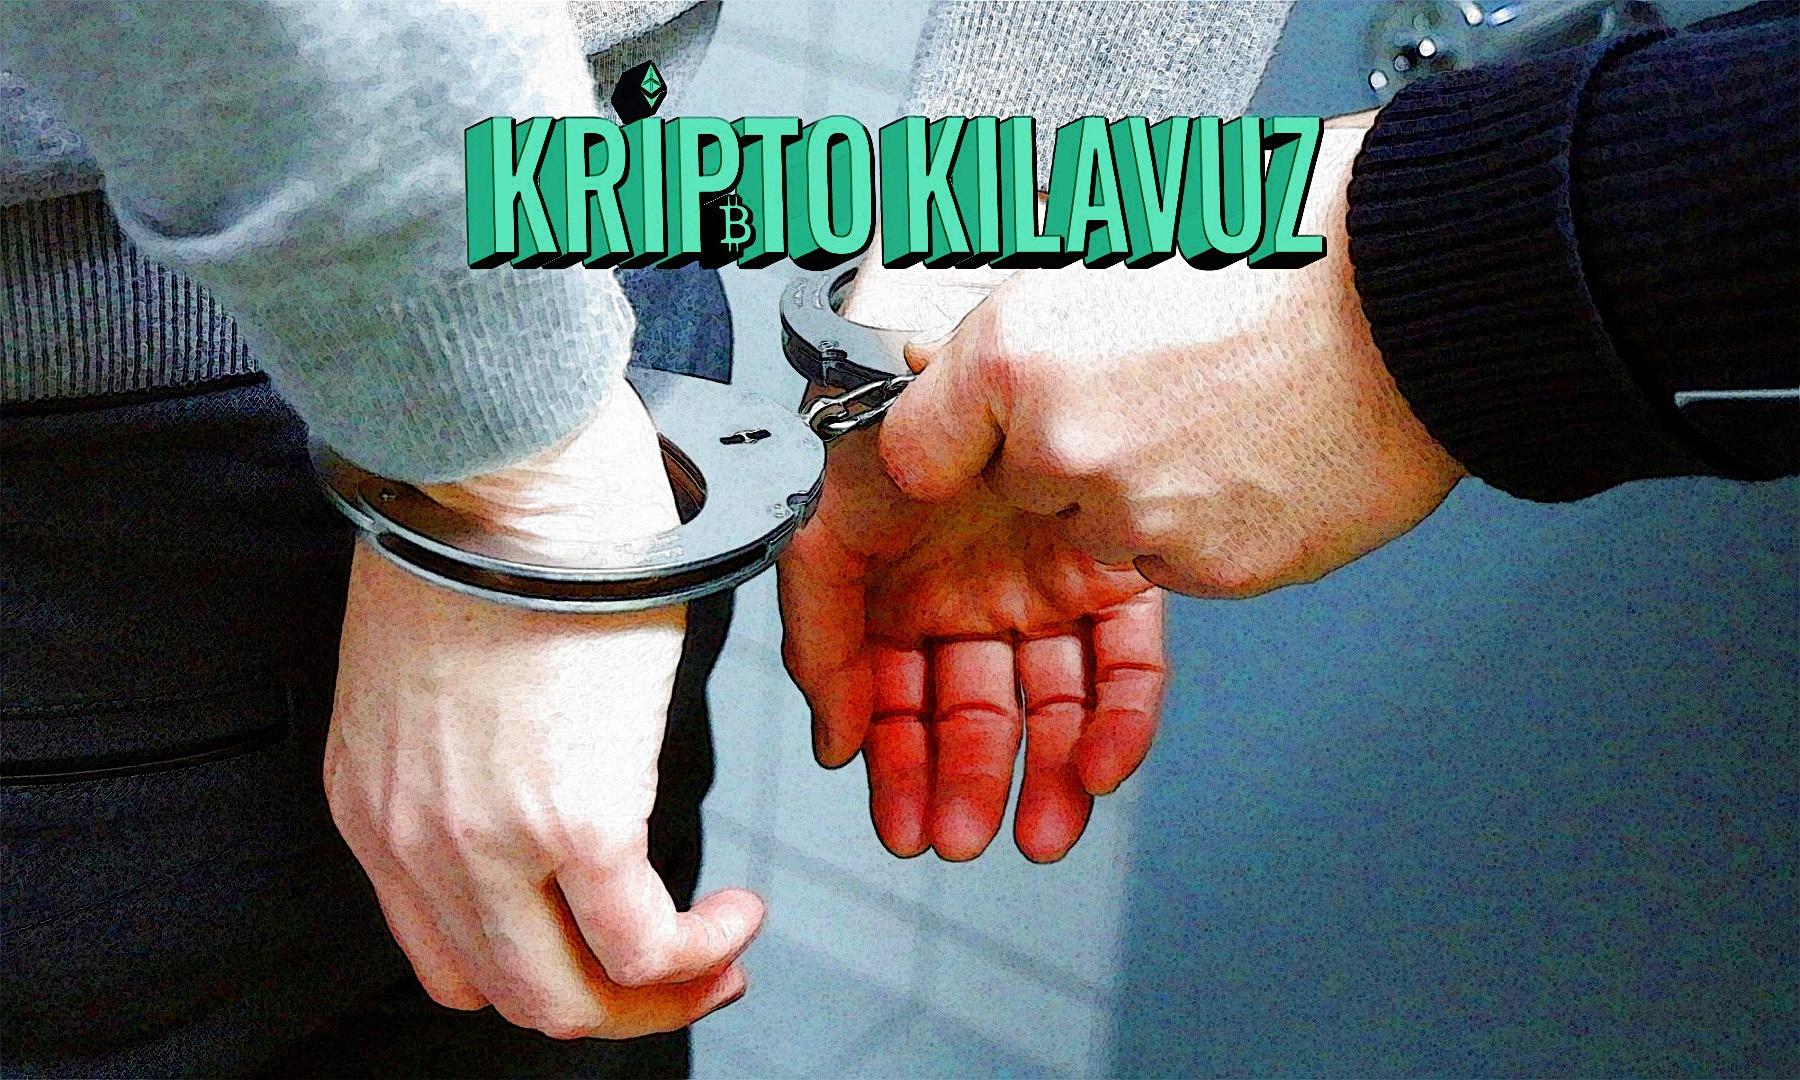 Güney Kore Kripto Para Borsası Komid'in Liderleri Tutuklandı